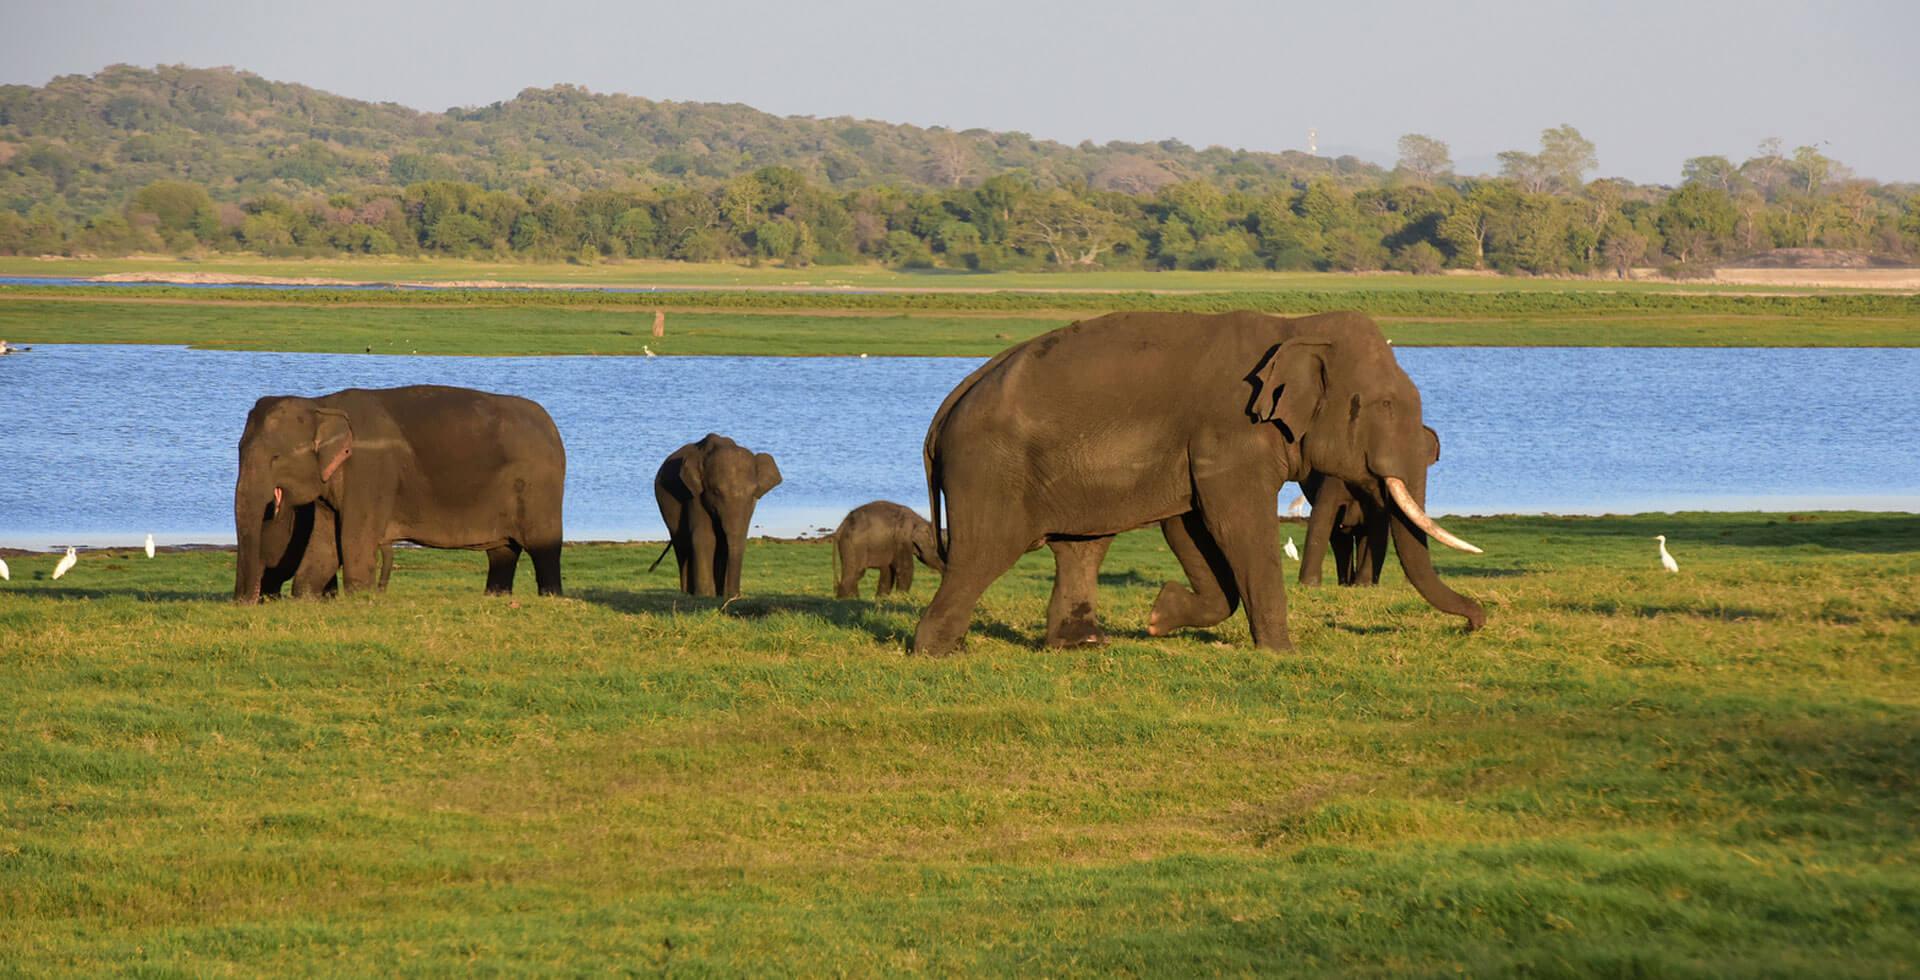 Elephant sri lanka Yala